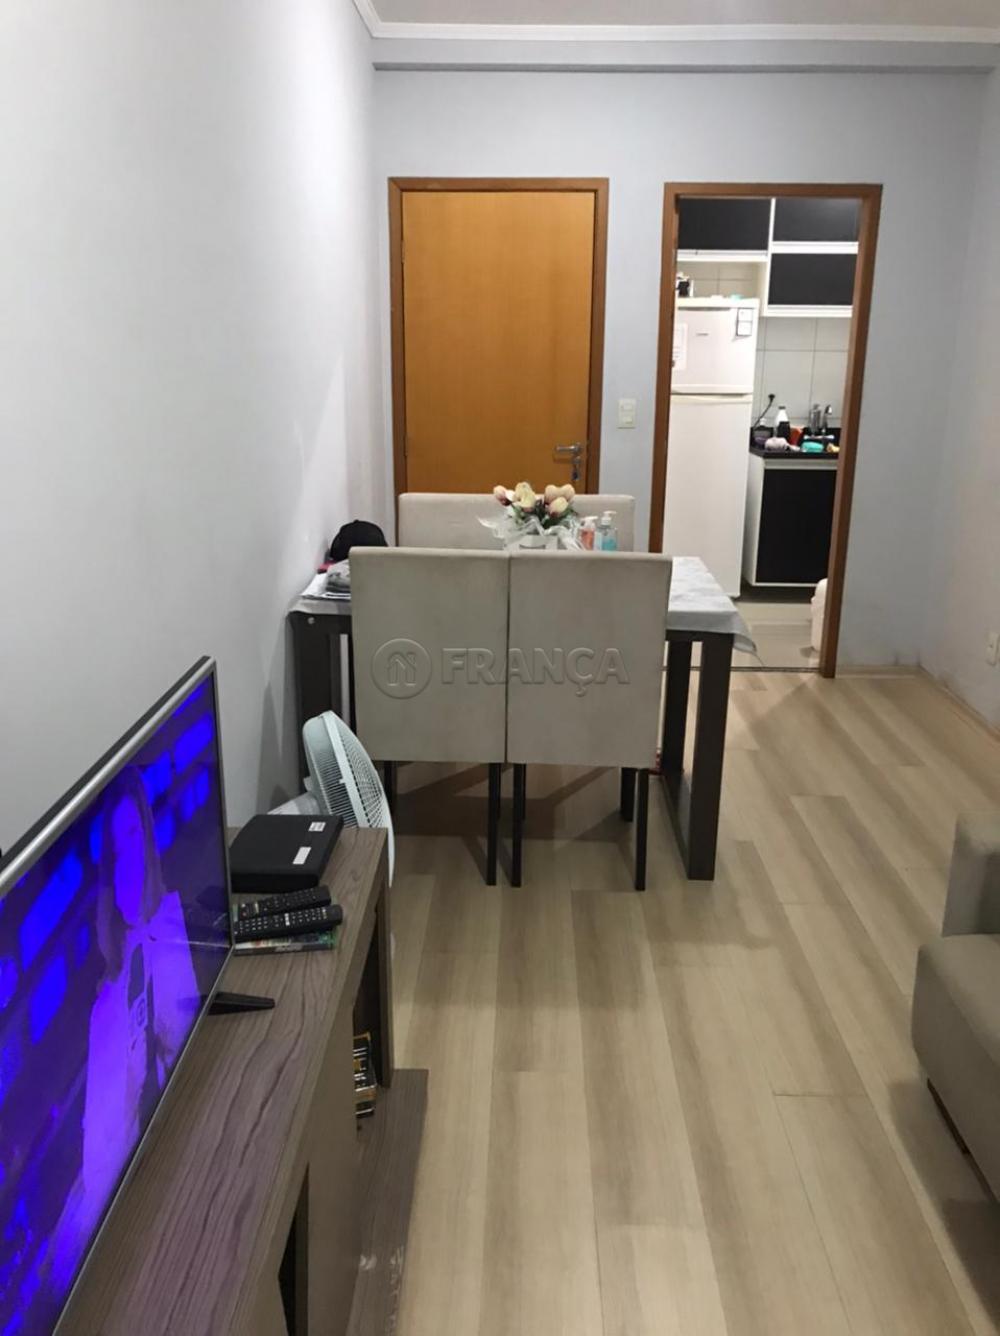 Comprar Apartamento / Padrão em São José dos Campos R$ 325.000,00 - Foto 2